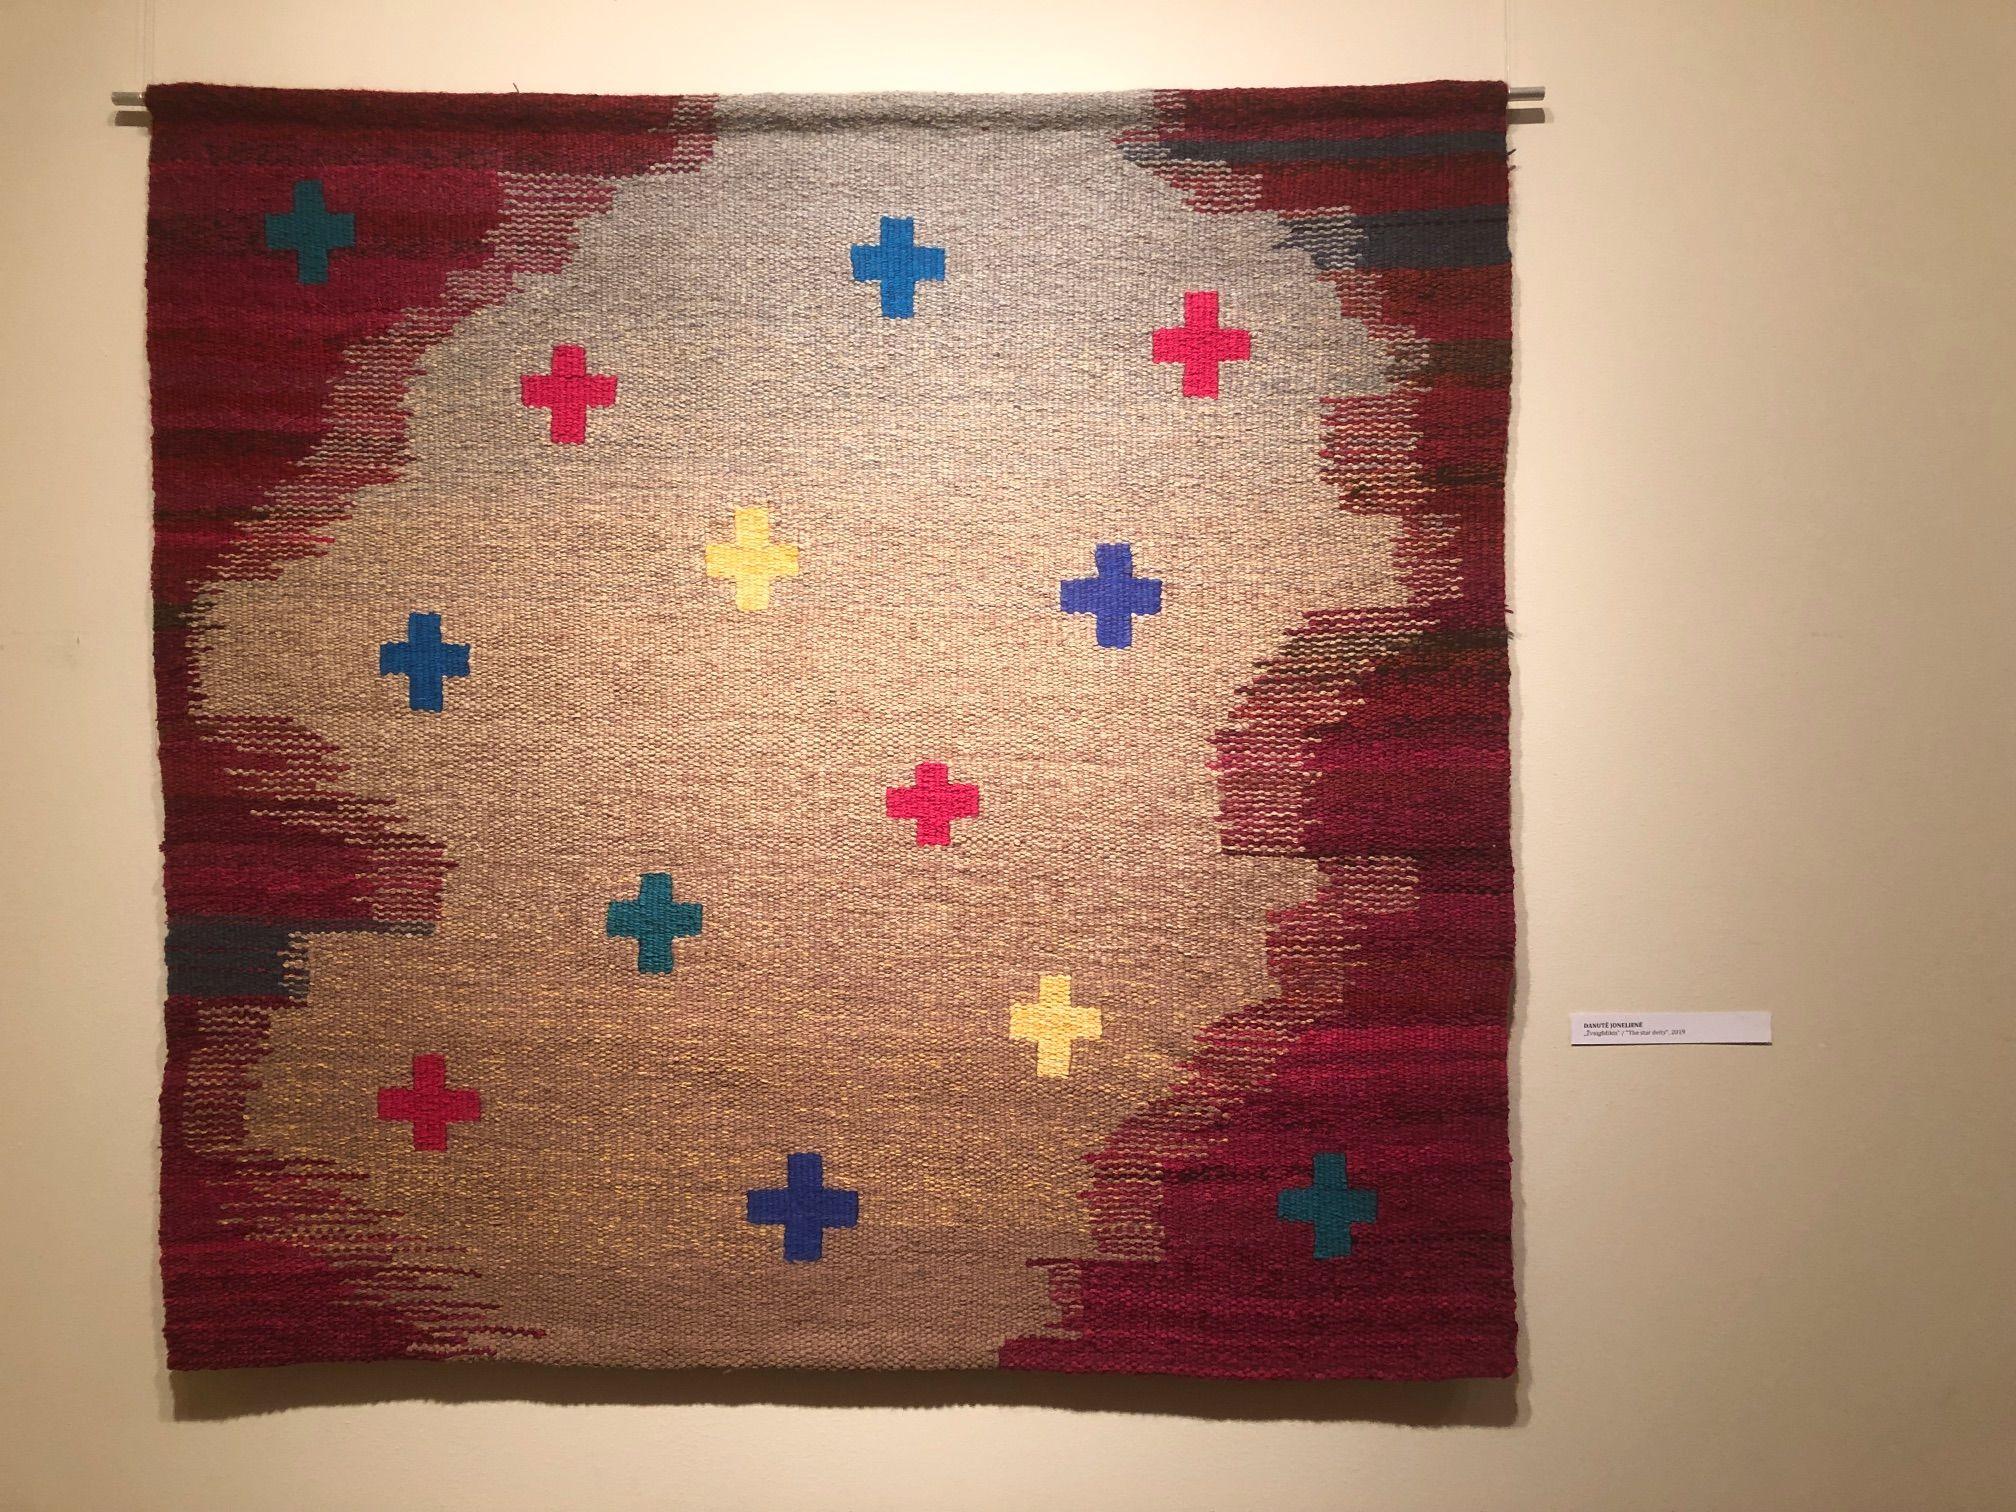 """Menininkės Danutės Jonelienės kūrinys """"Žvaigždikis"""" simbolizuoja dangaus ir žemės sąjungą. / D. Borodinaitės nuotr."""